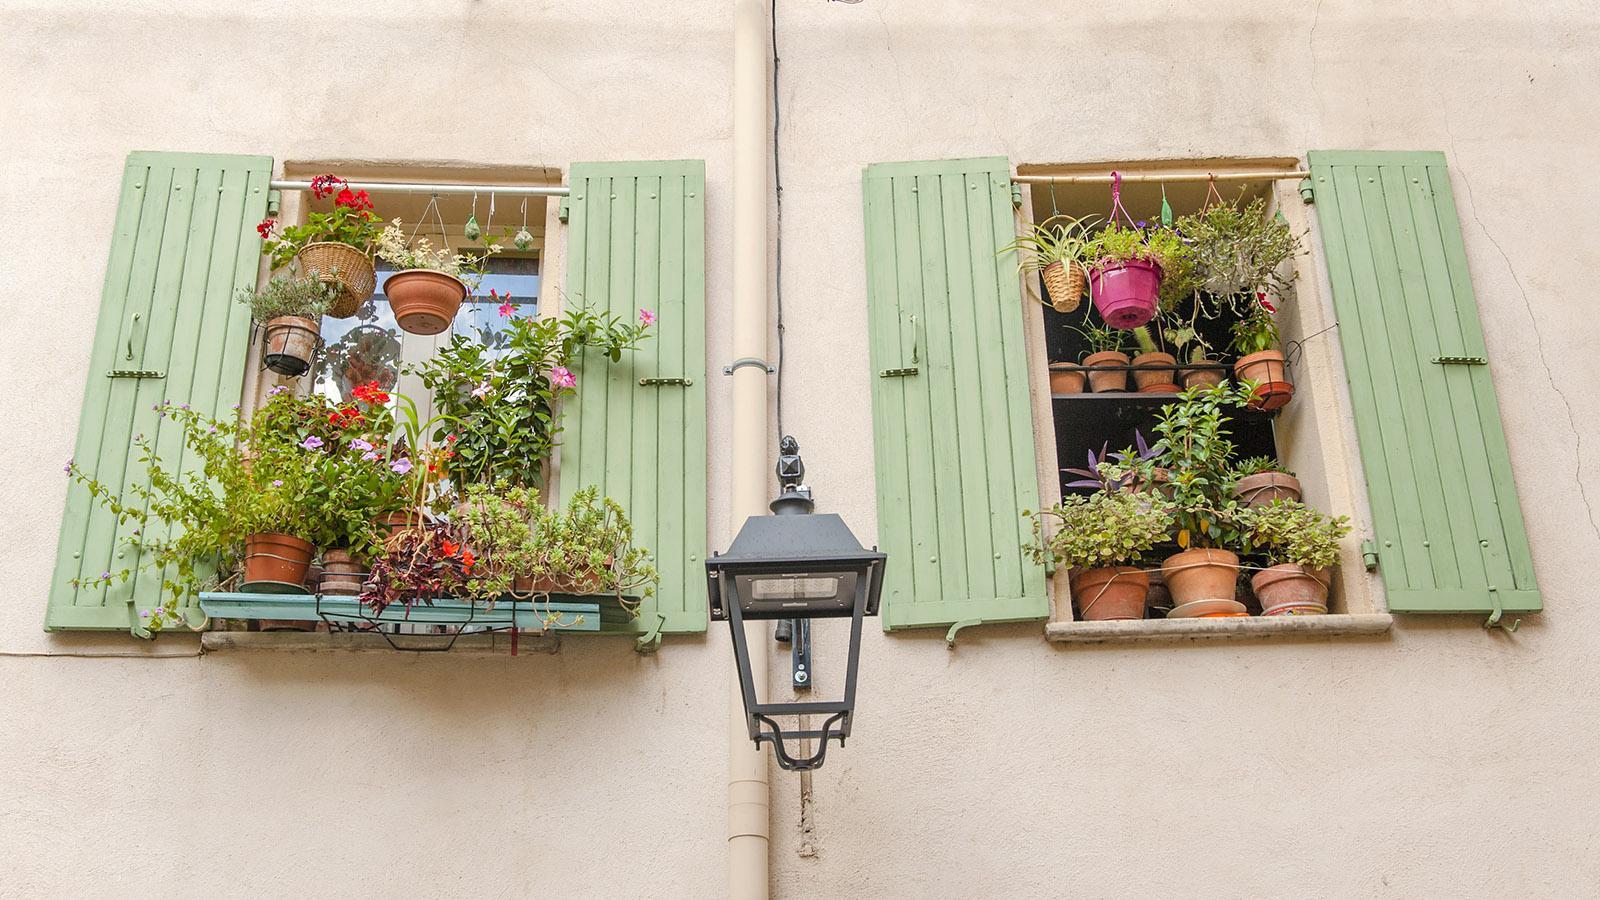 Céret: Blumenschmuck in der Altstadt. Foto: Hilke Maunder